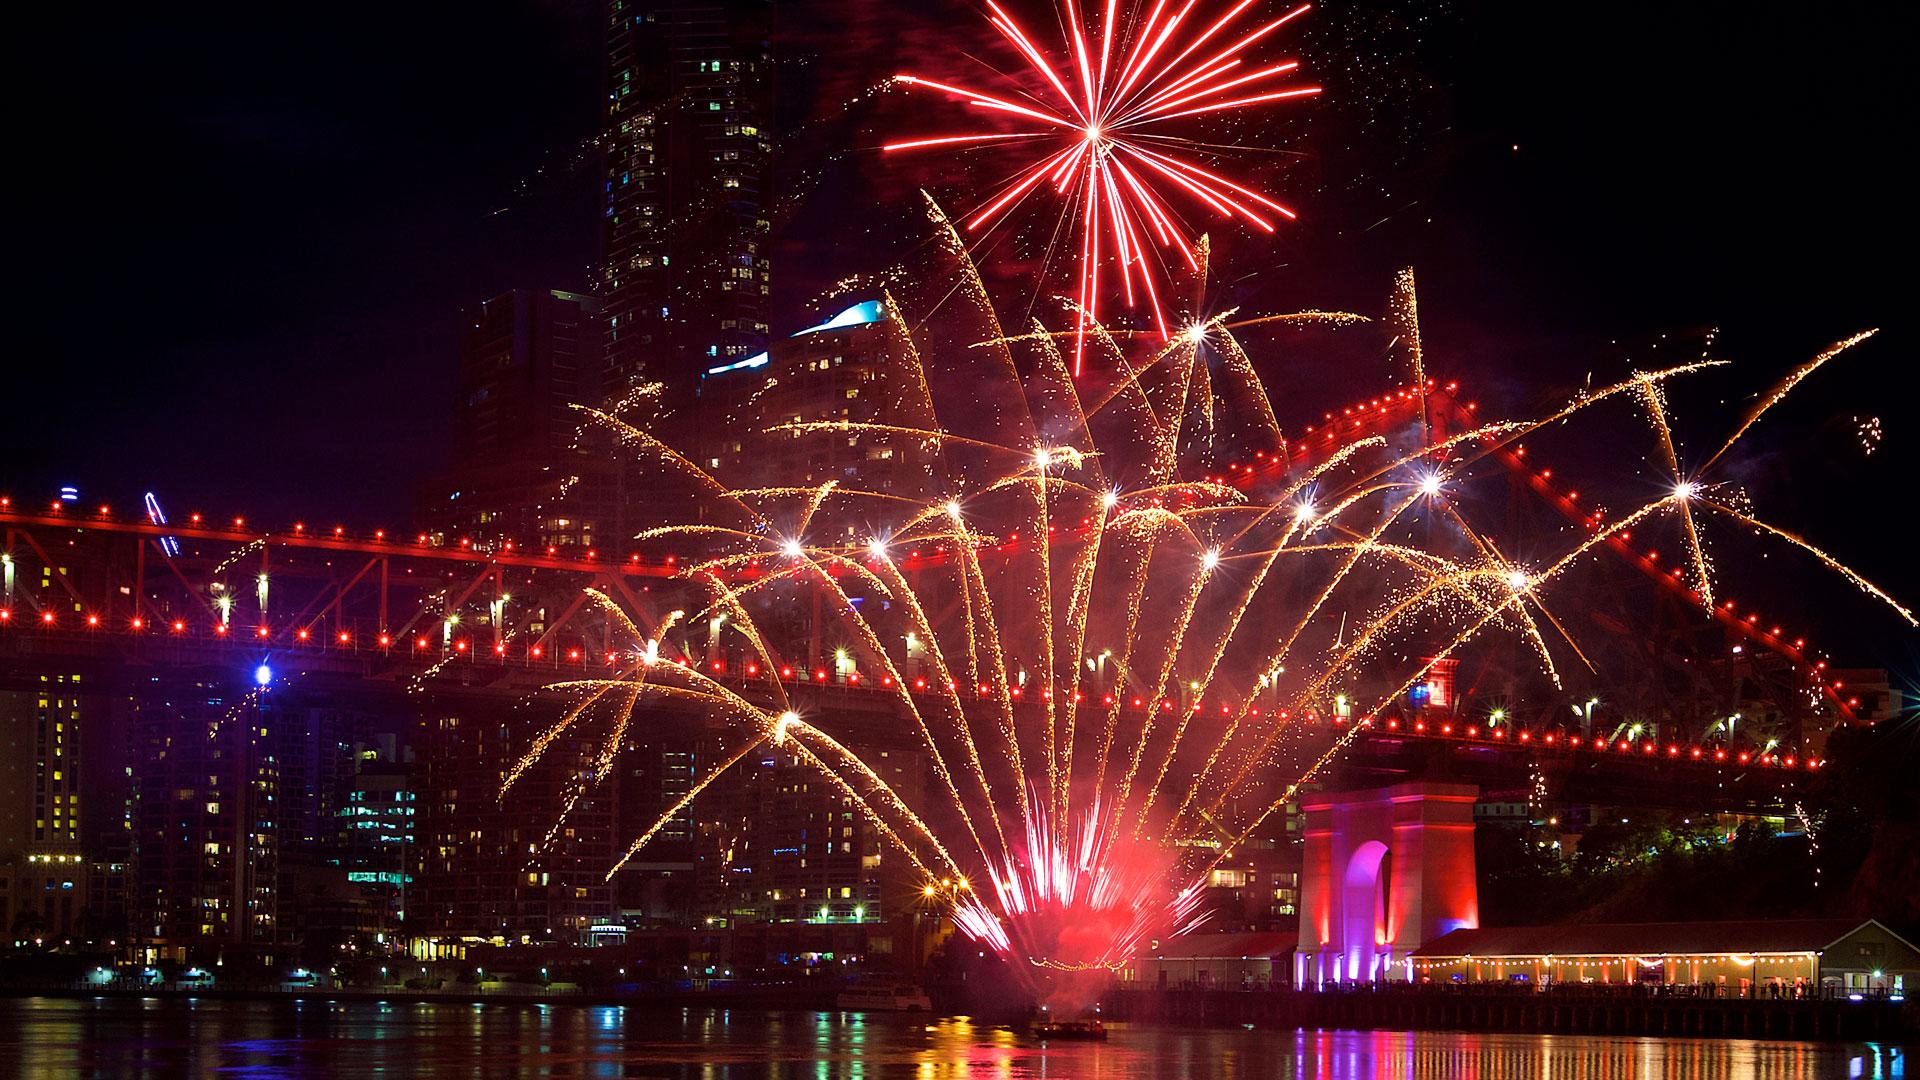 brisbane-river-fireworks-all-fired-up-fireworks-stage-fx